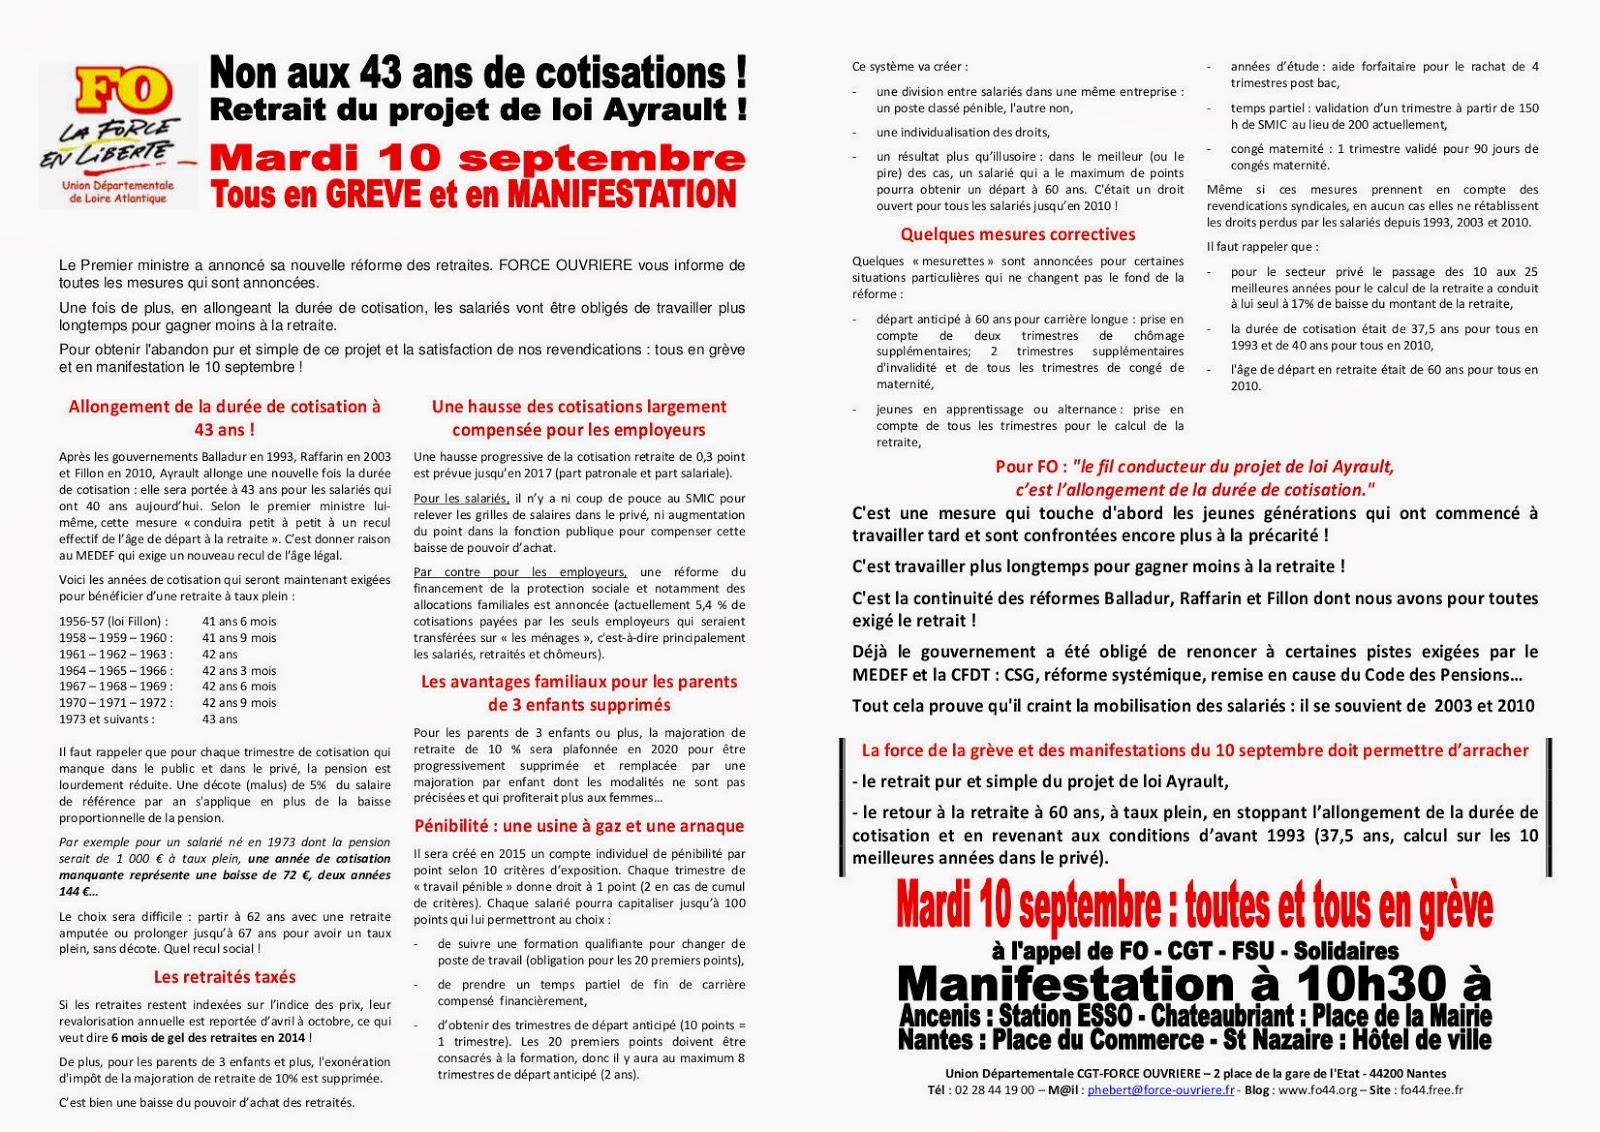 Fo Loire Atlantique Non Aux 43 Ans De Cotisations Retrait Du